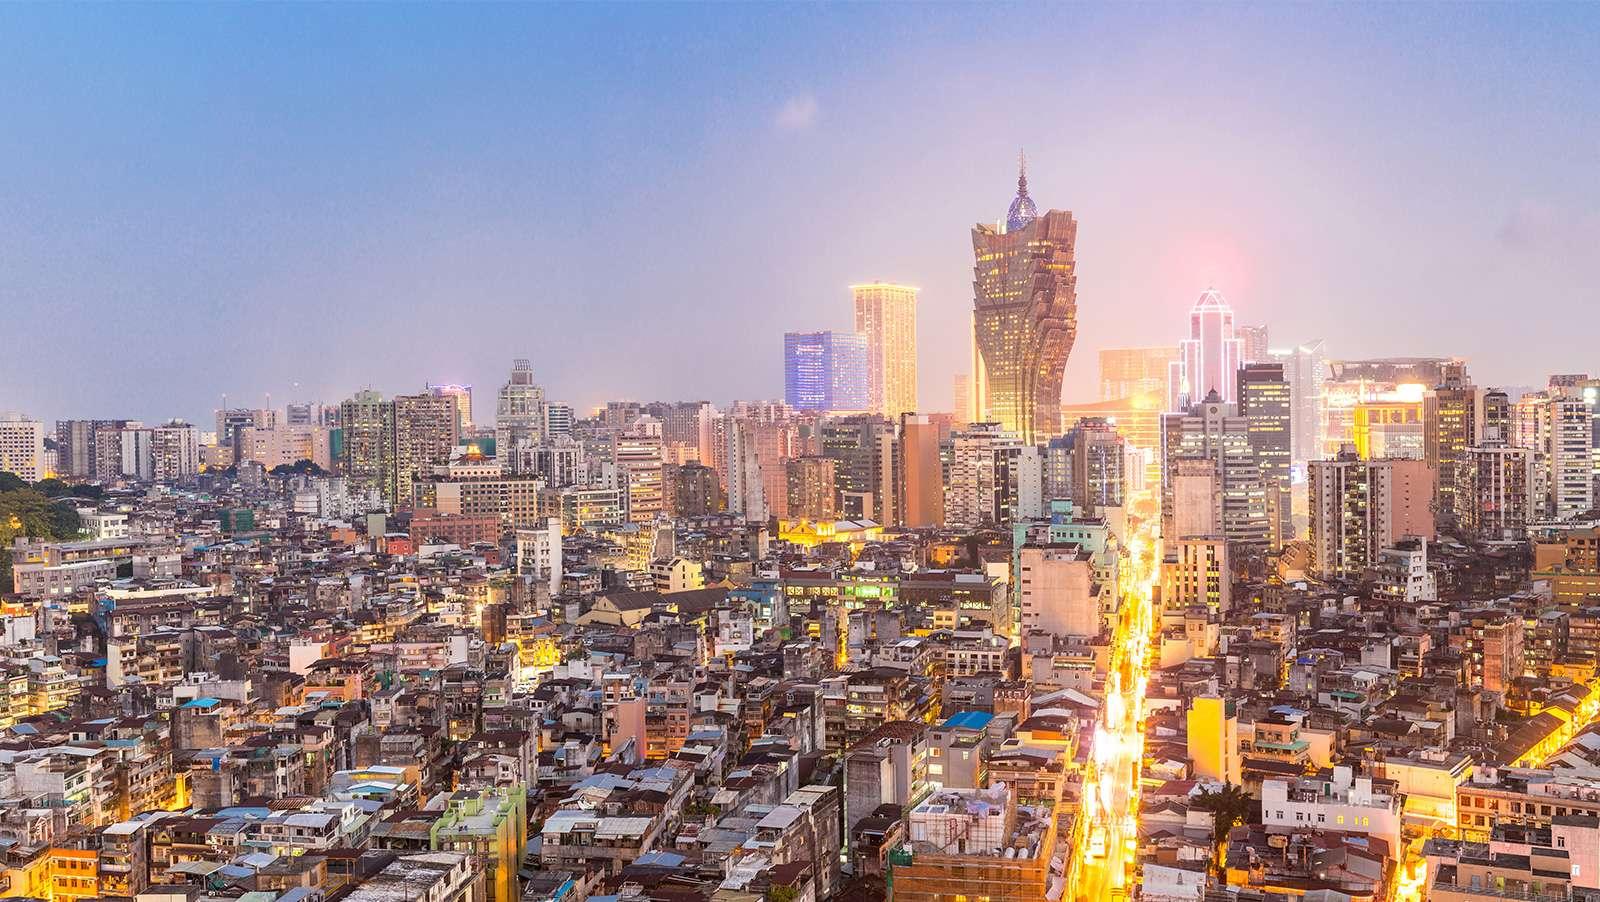 Bernstein still cautious on Macau's June GGR